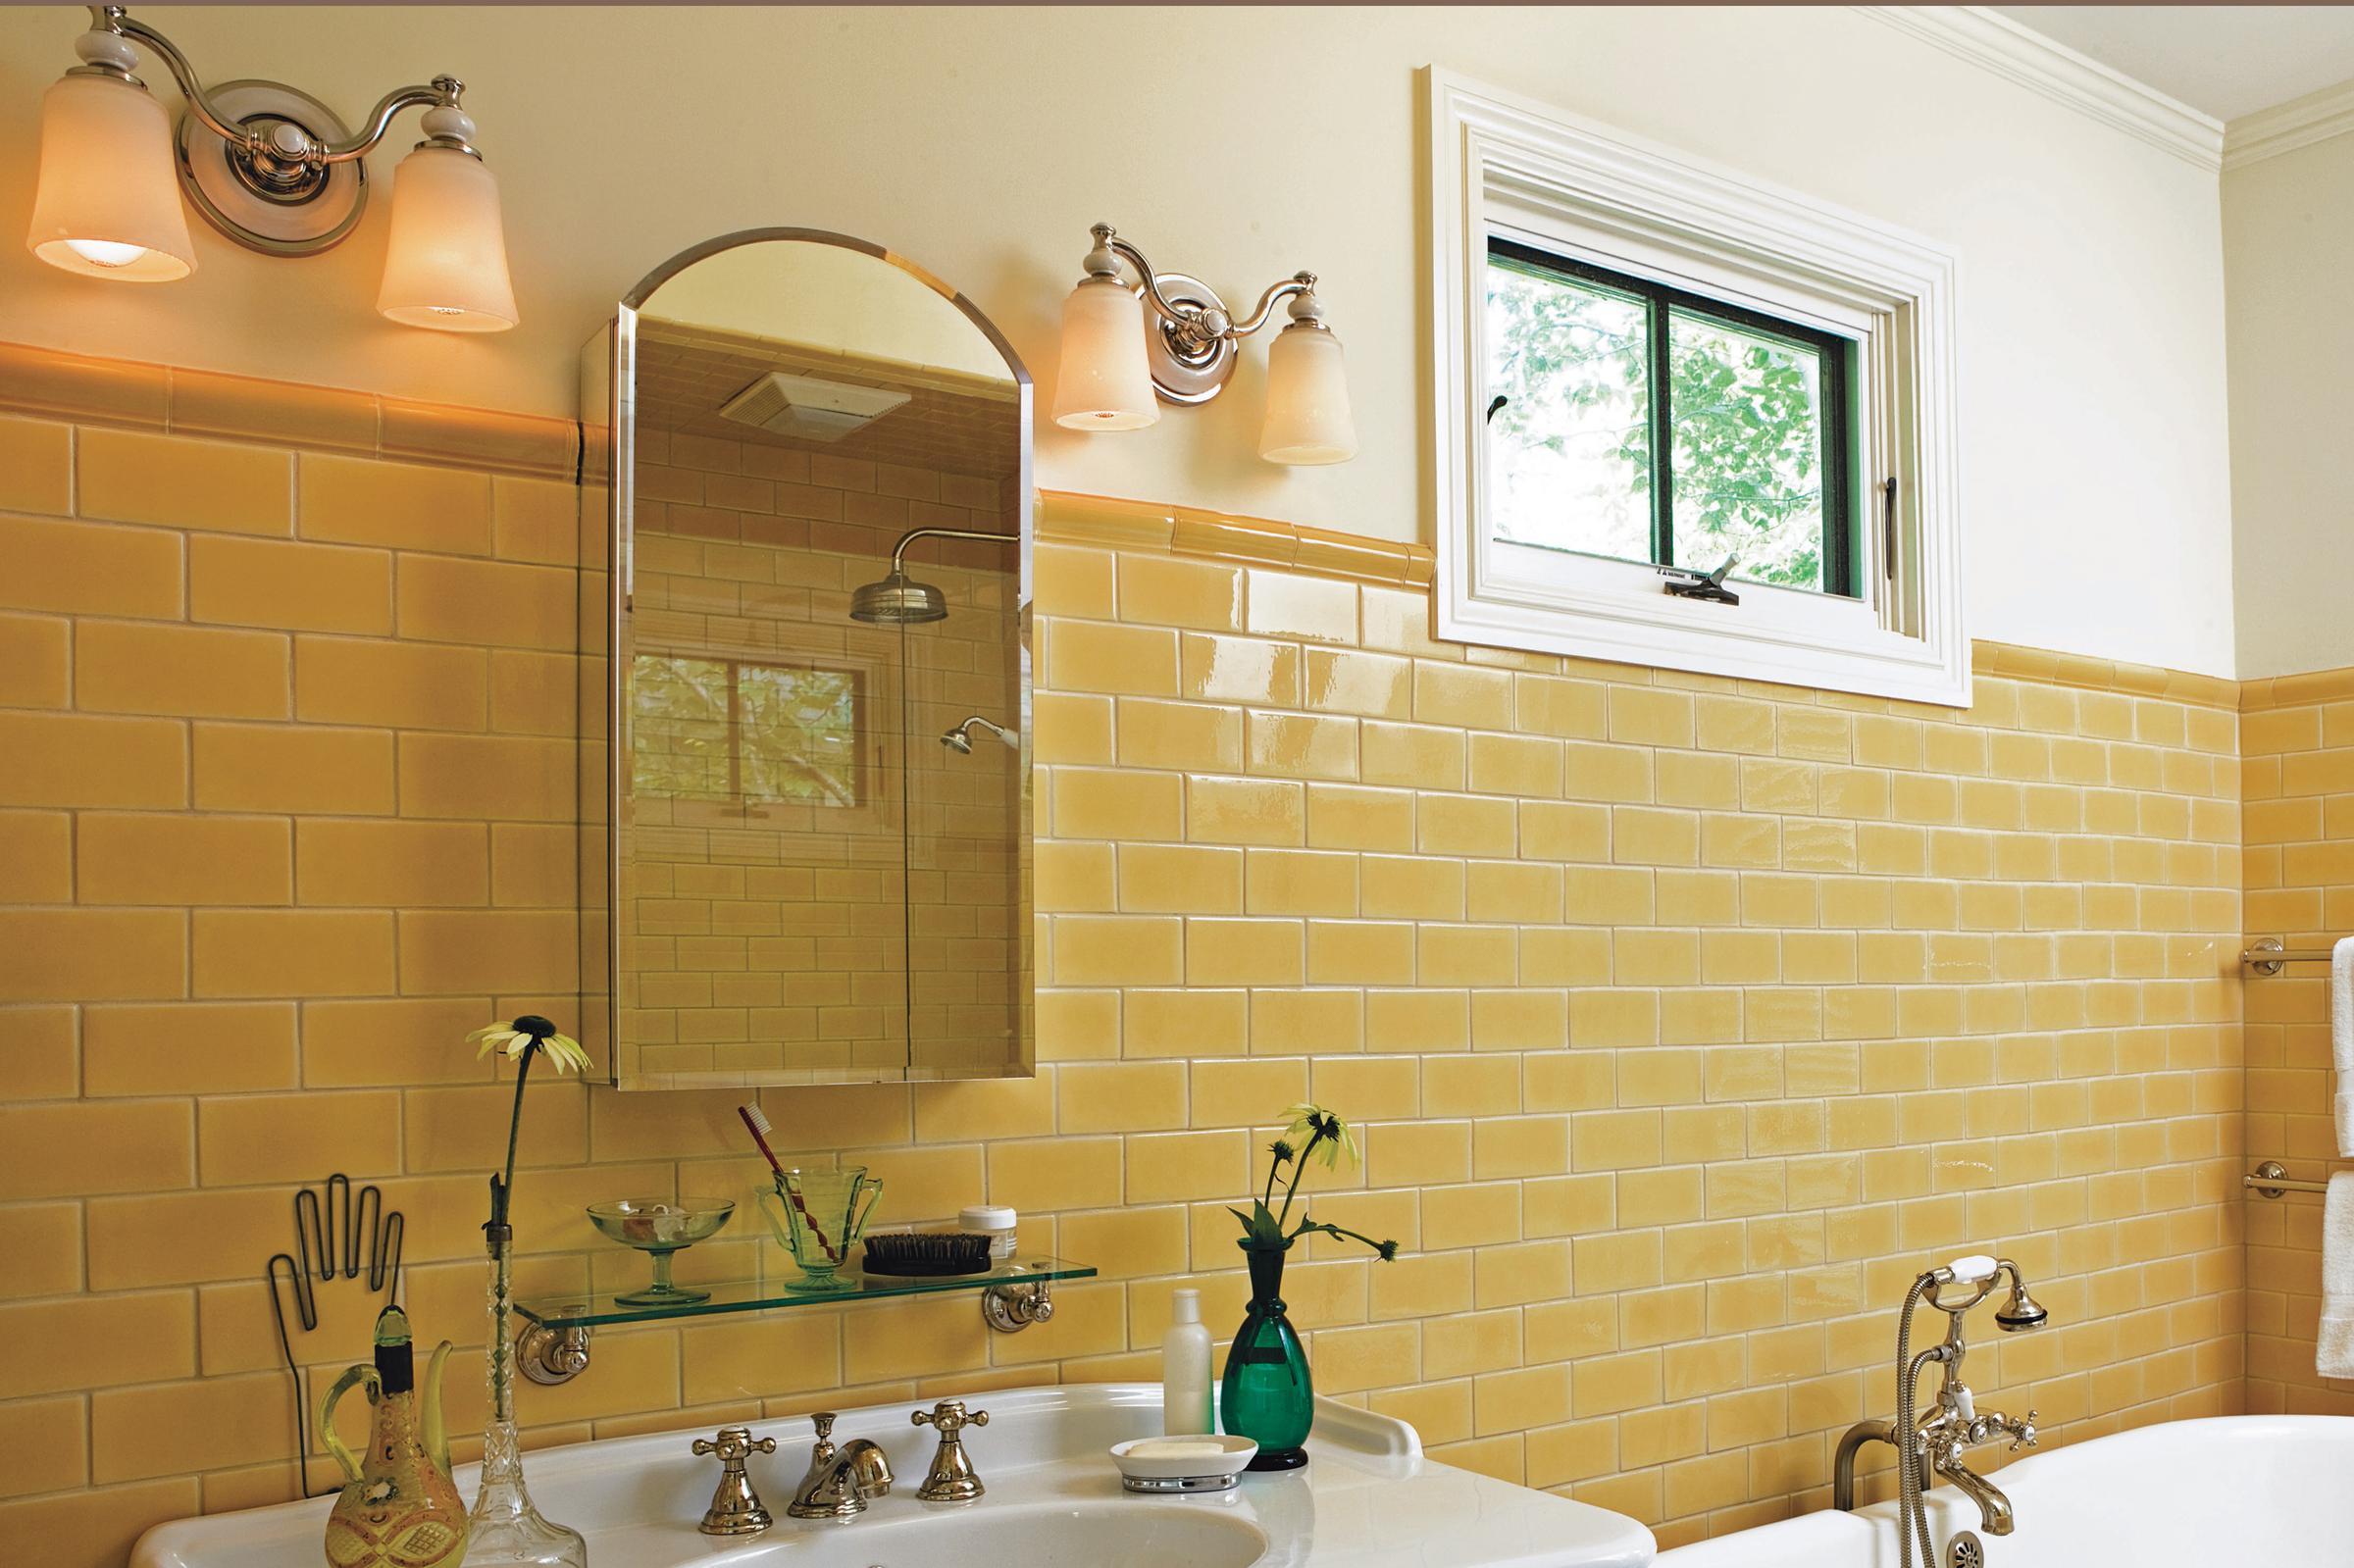 100 bathroom ideas bathroom remodel ideas houselogic bathro